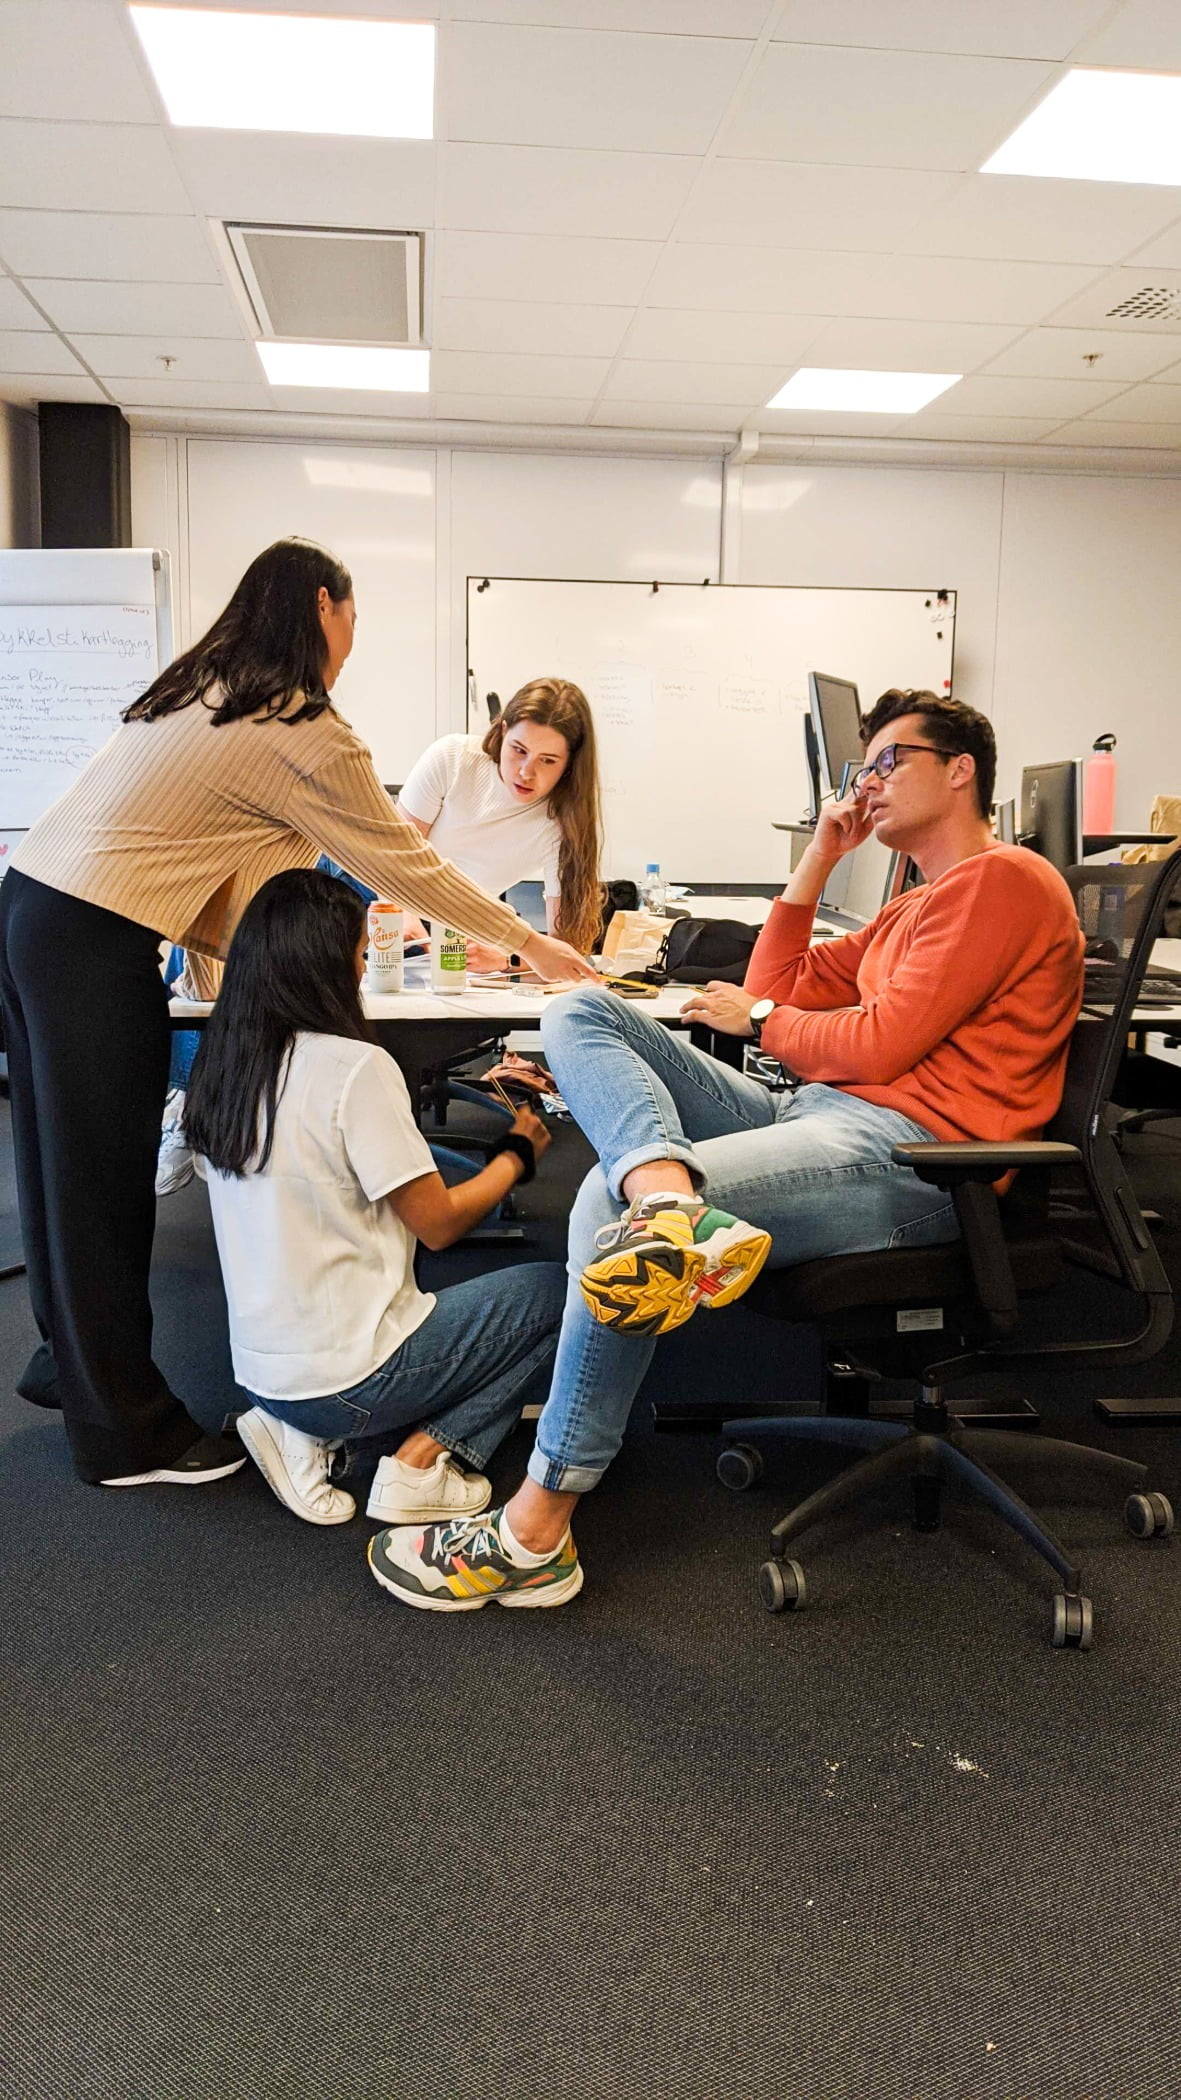 Automotive design, Jeans, Trousers, Shoe, Chair, Comfort